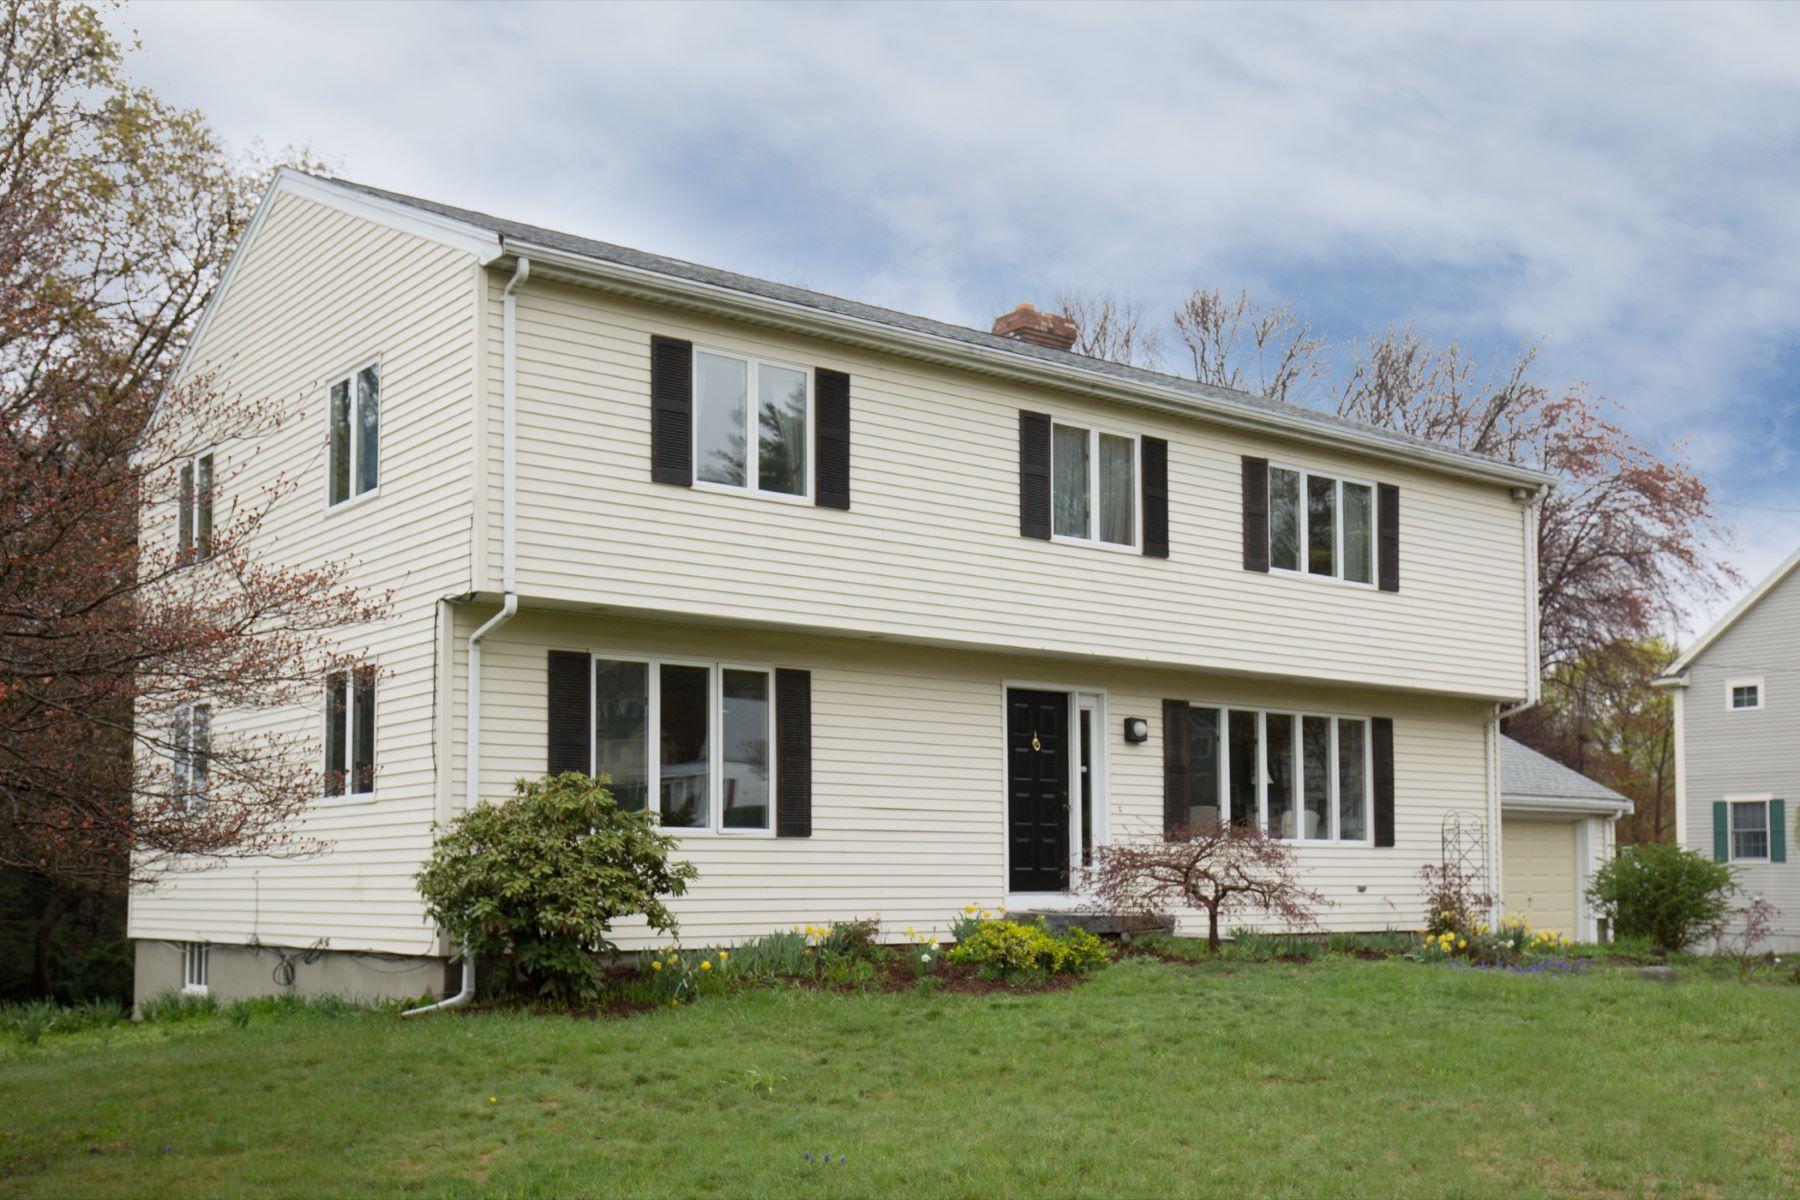 Частный односемейный дом для того Продажа на 44 Williams Road Lexington, Массачусетс, 02420 Соединенные Штаты